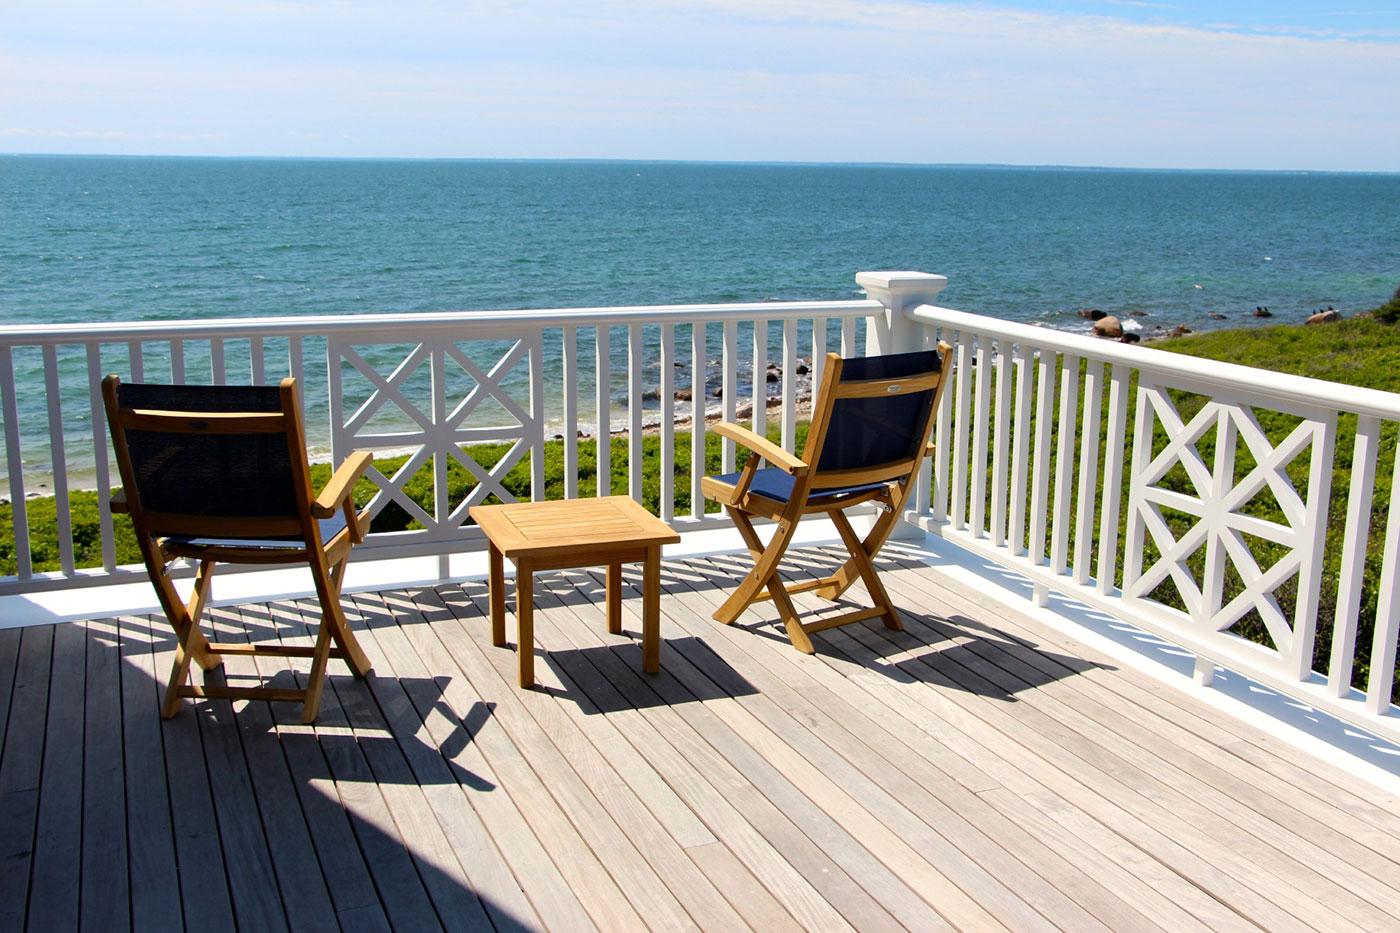 Private custom deck